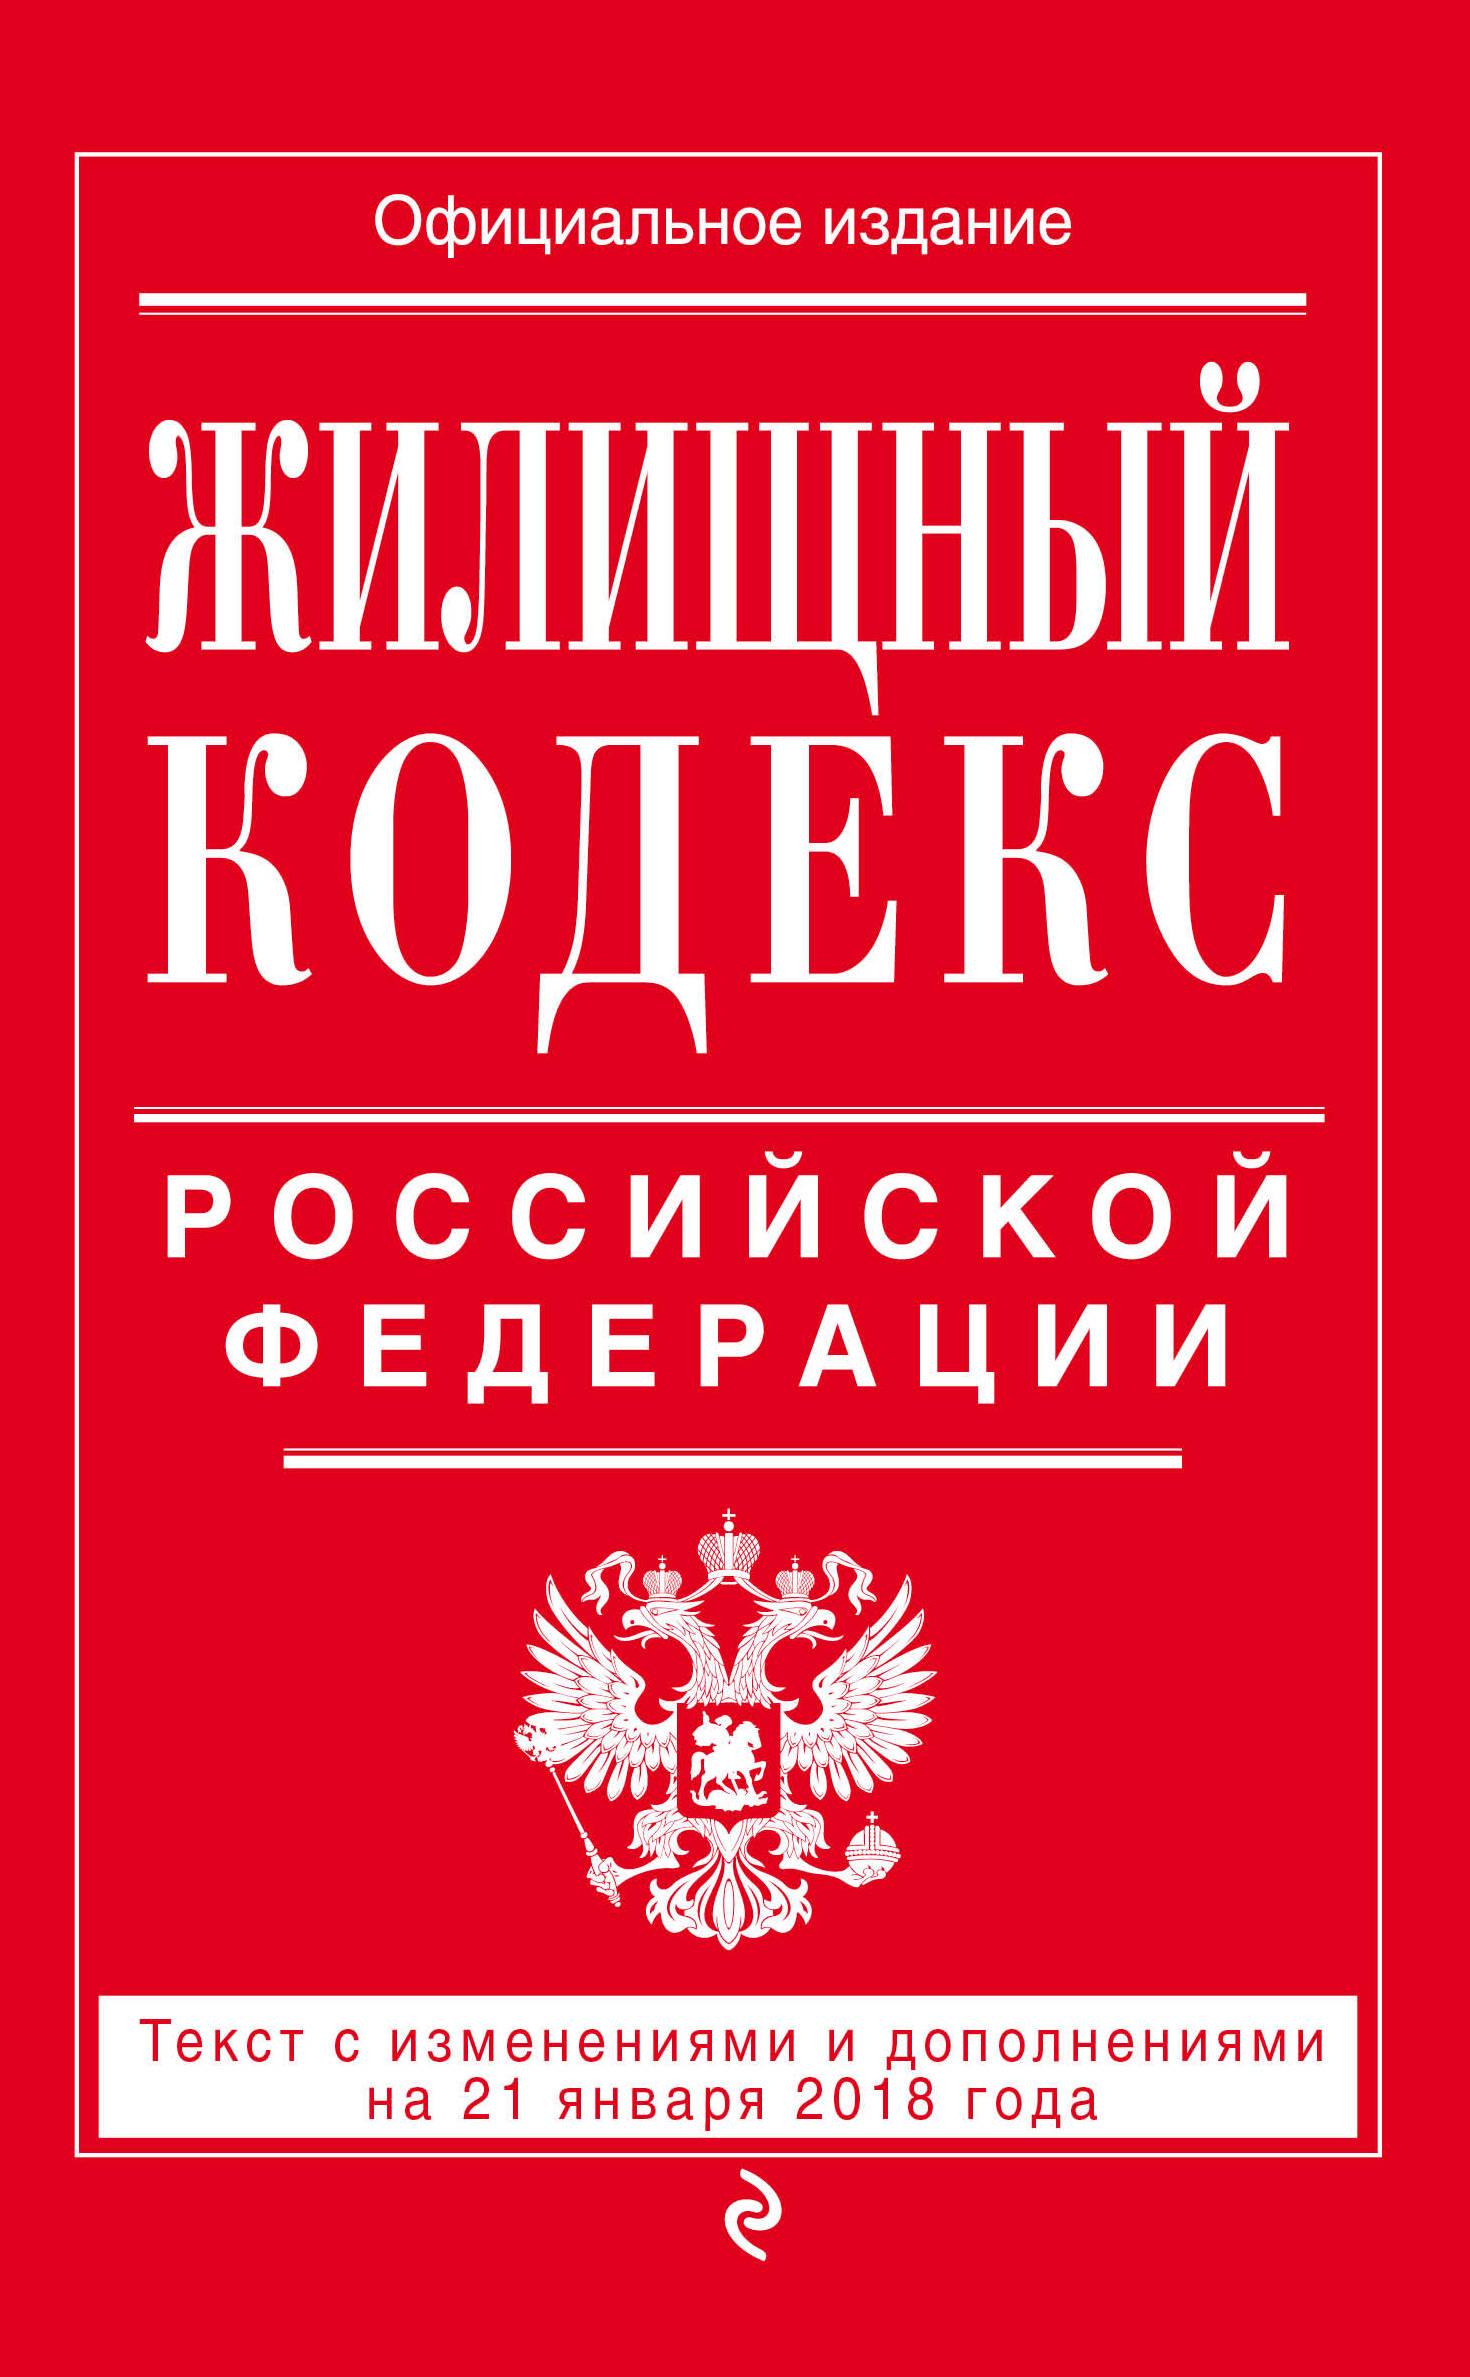 9785040921935 - Жилищный кодекс Российской Федерации - Книга